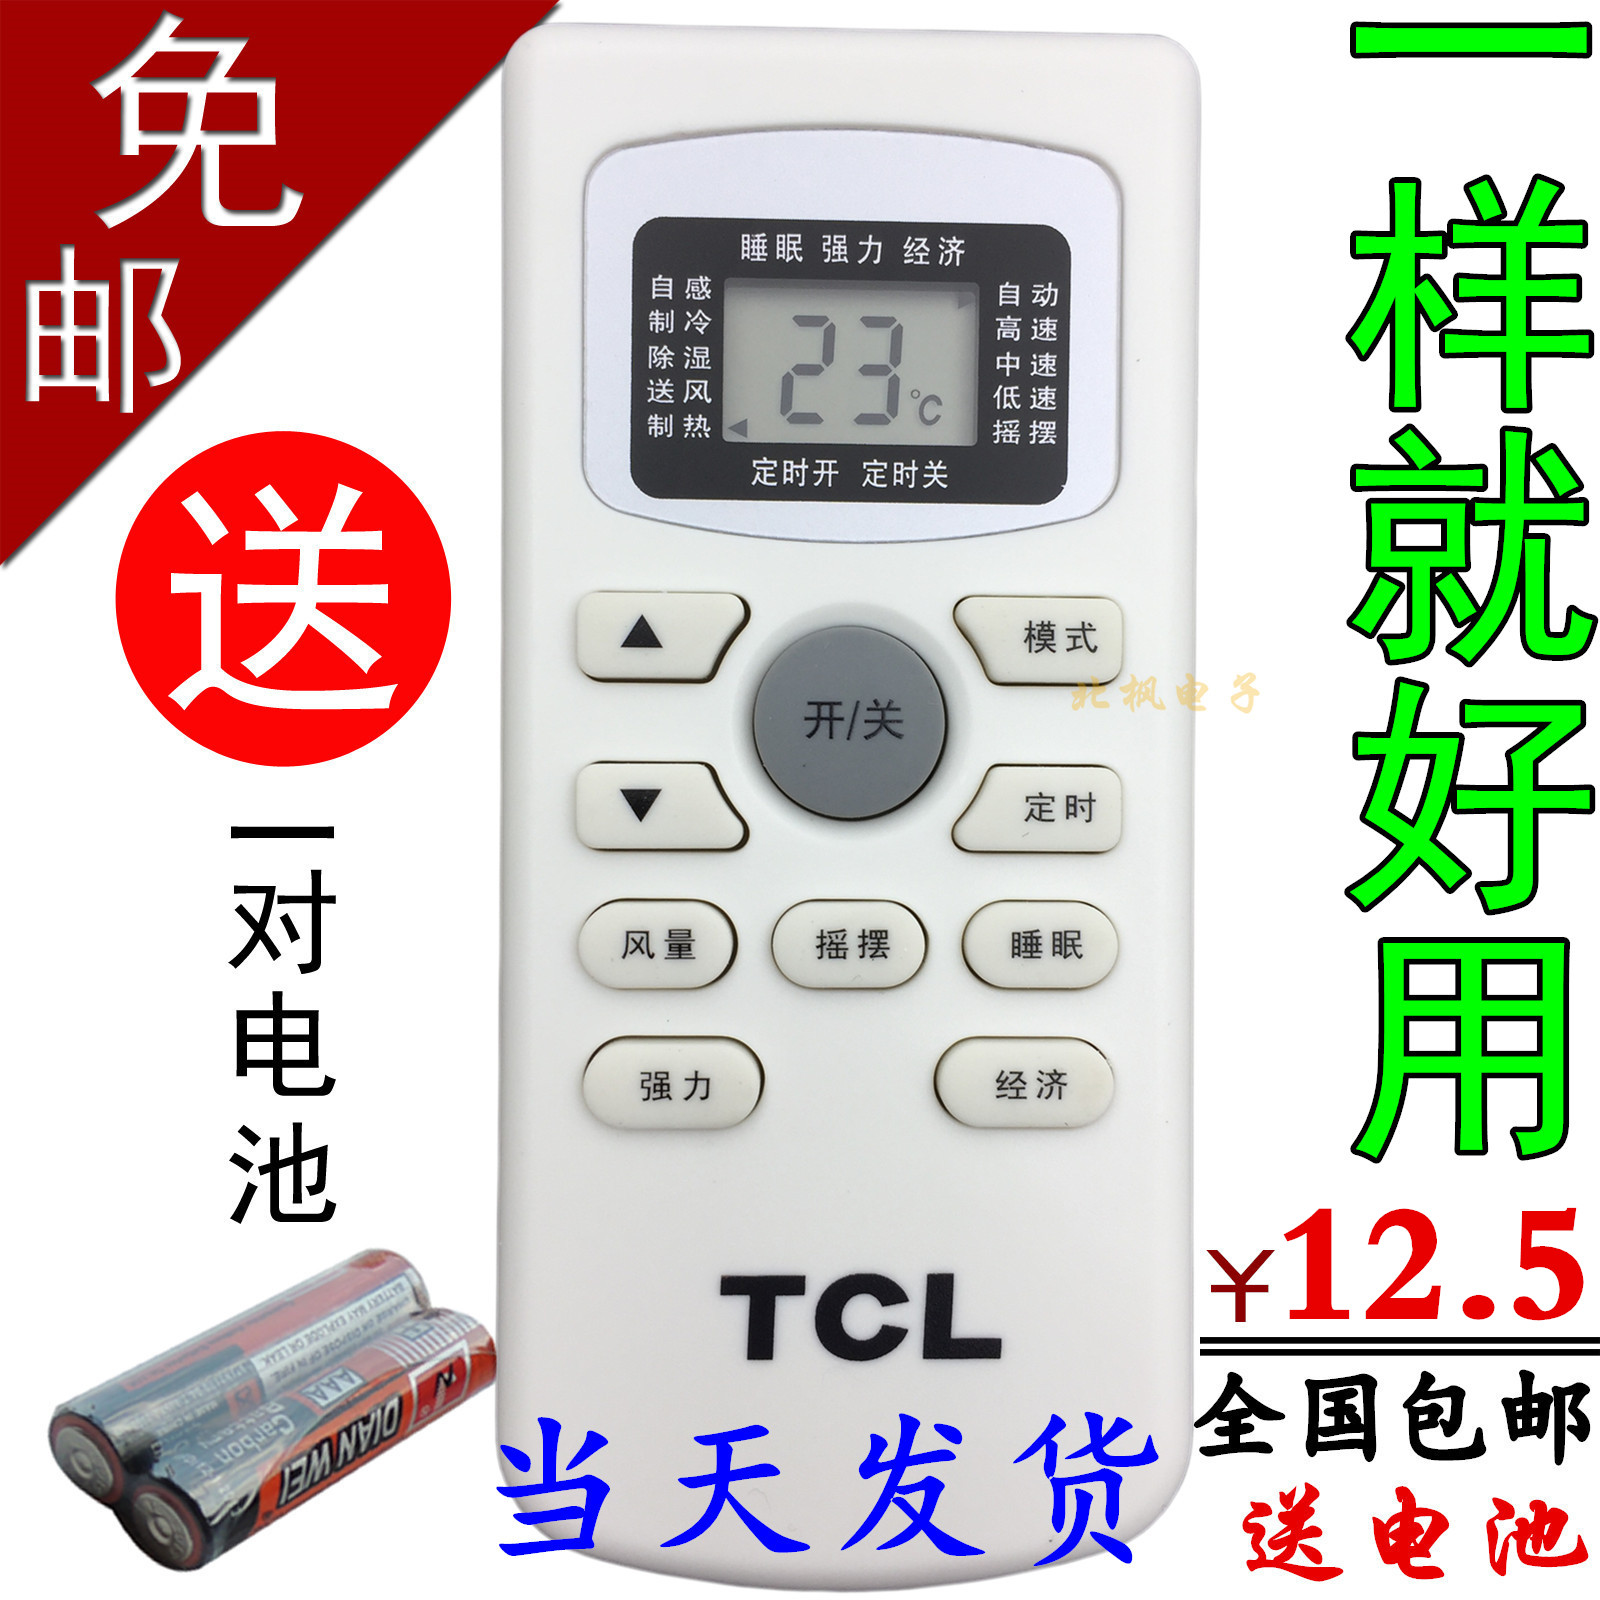 Die post TCL GYKQ-34GYKQ-03GYKQ-46GYKQ-47 warme und Kalte art klimaanlage fernbedienung